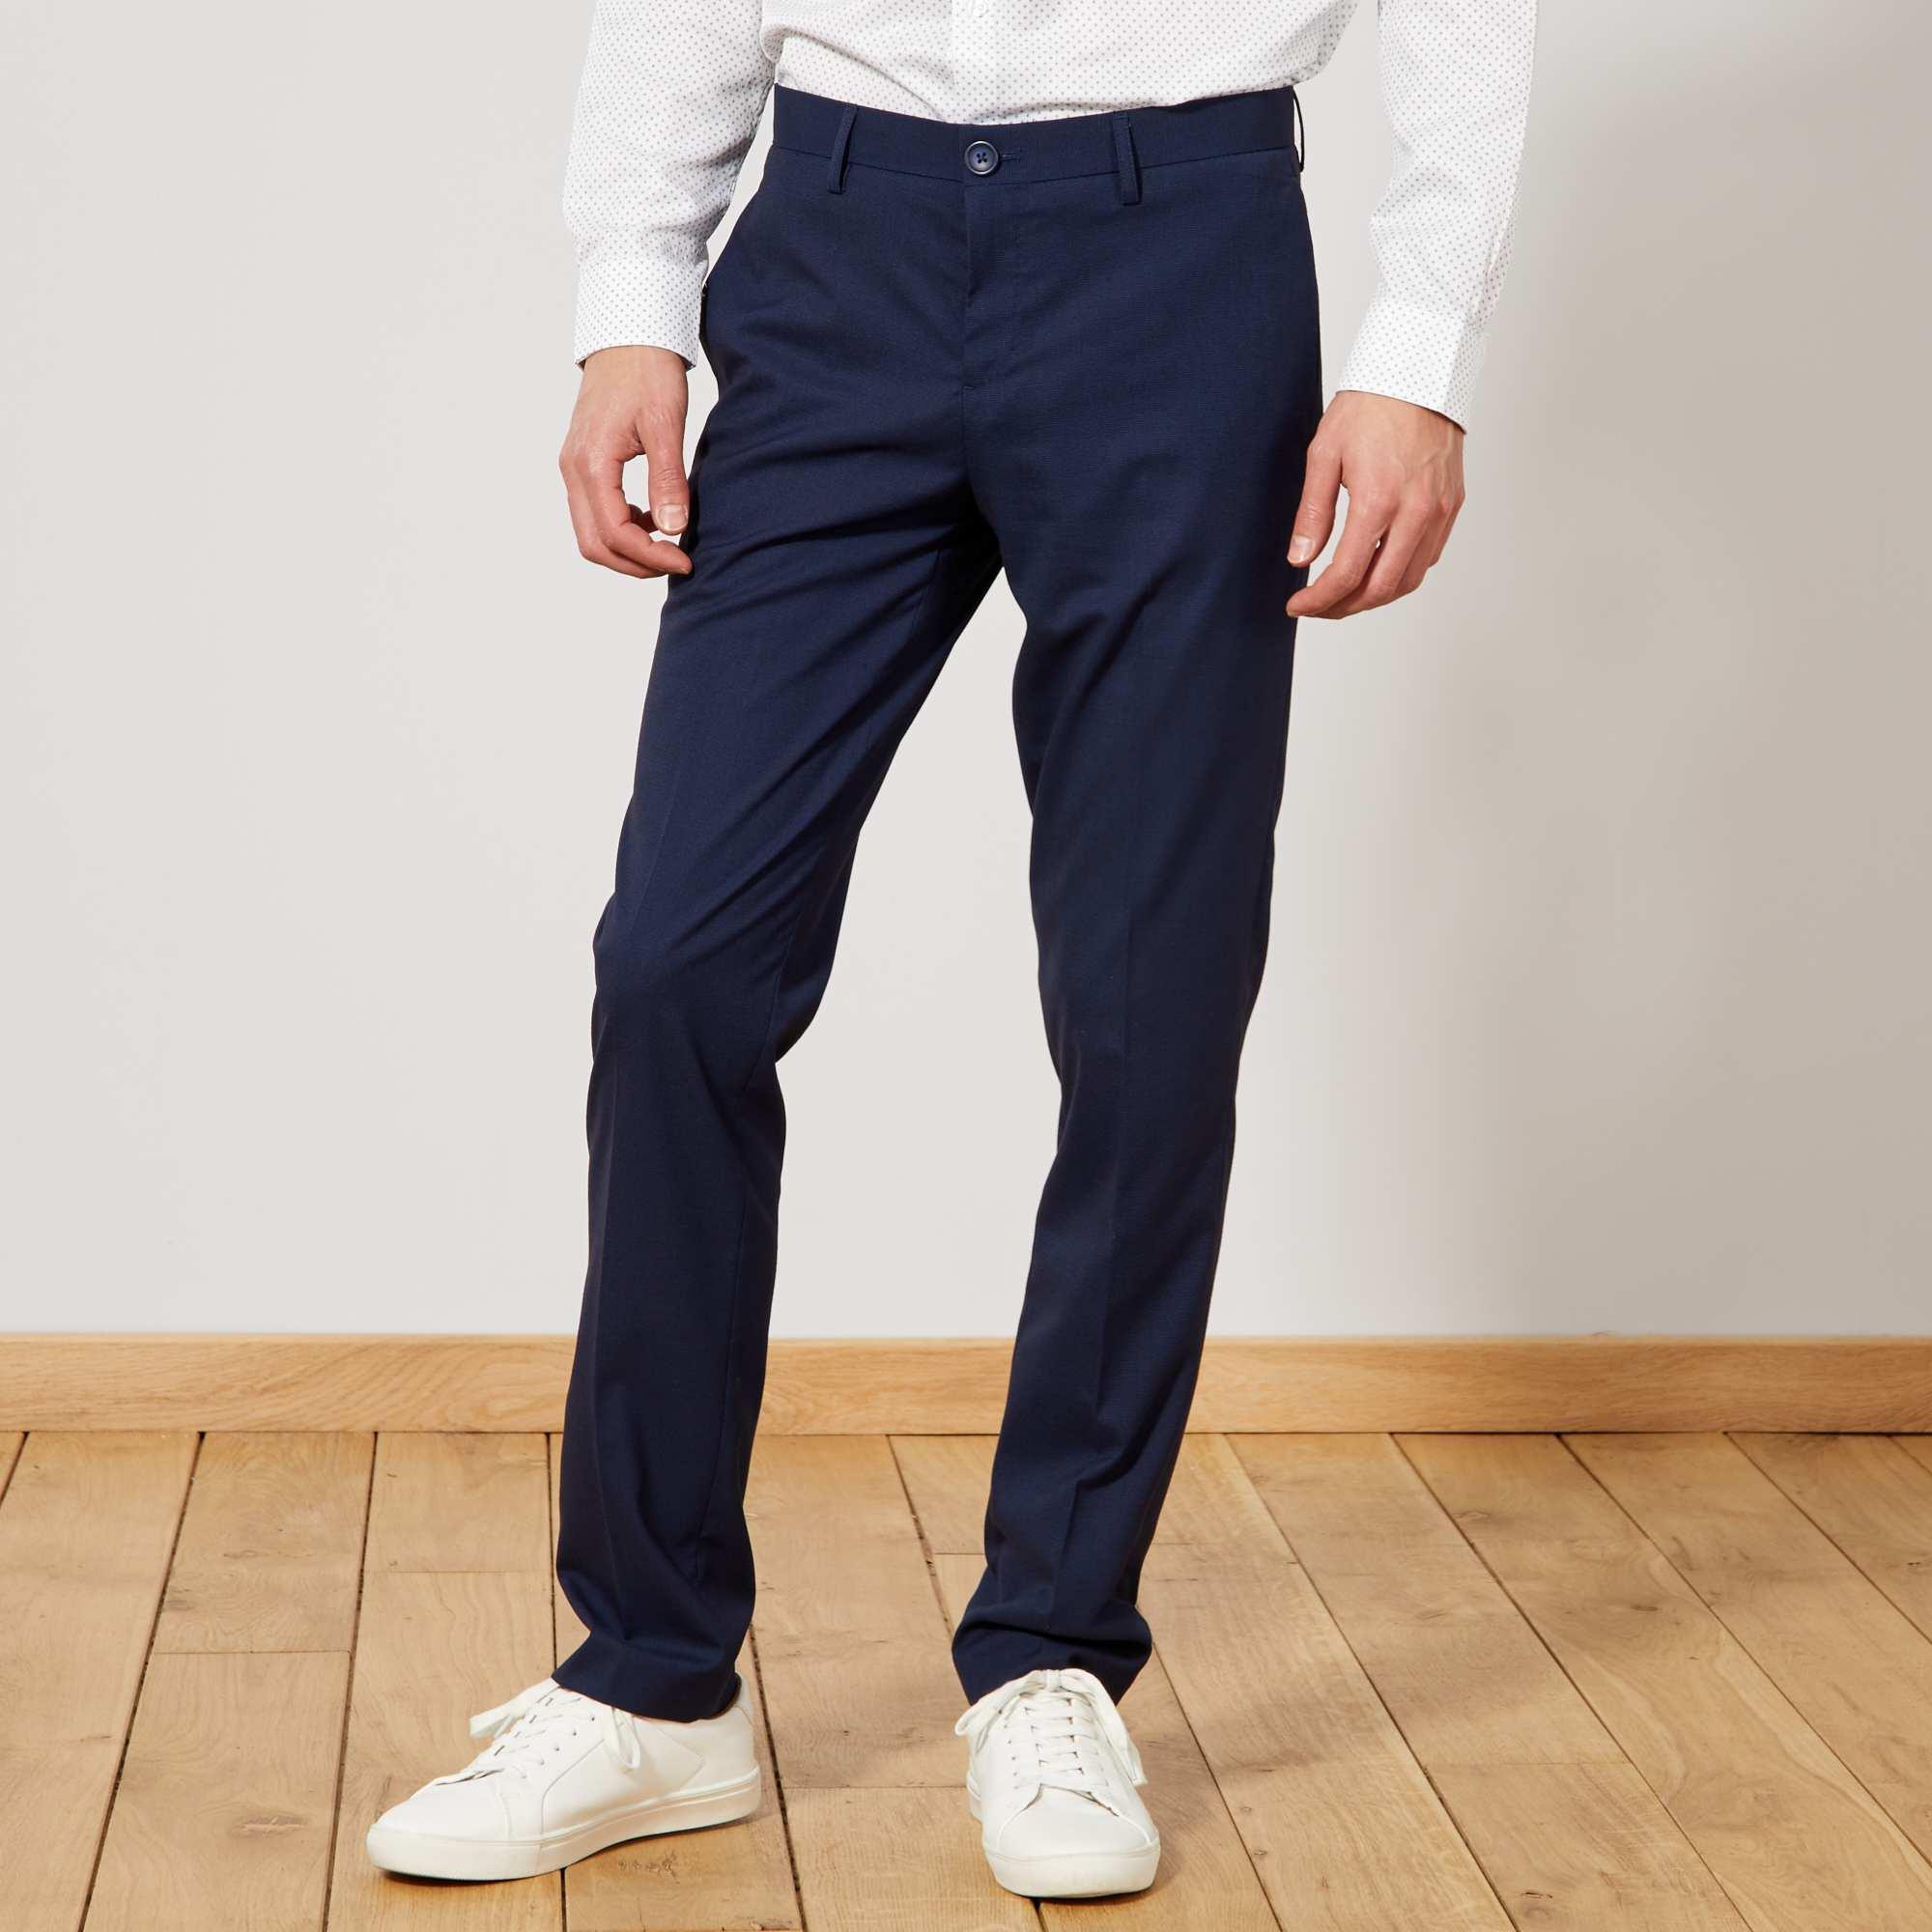 Couleur : bleu marine, , ,, - Taille : 44, 40, 42,48,46Un pantalon de costume élégant et agréable à porter, réalisé dans un beau tissu aspect